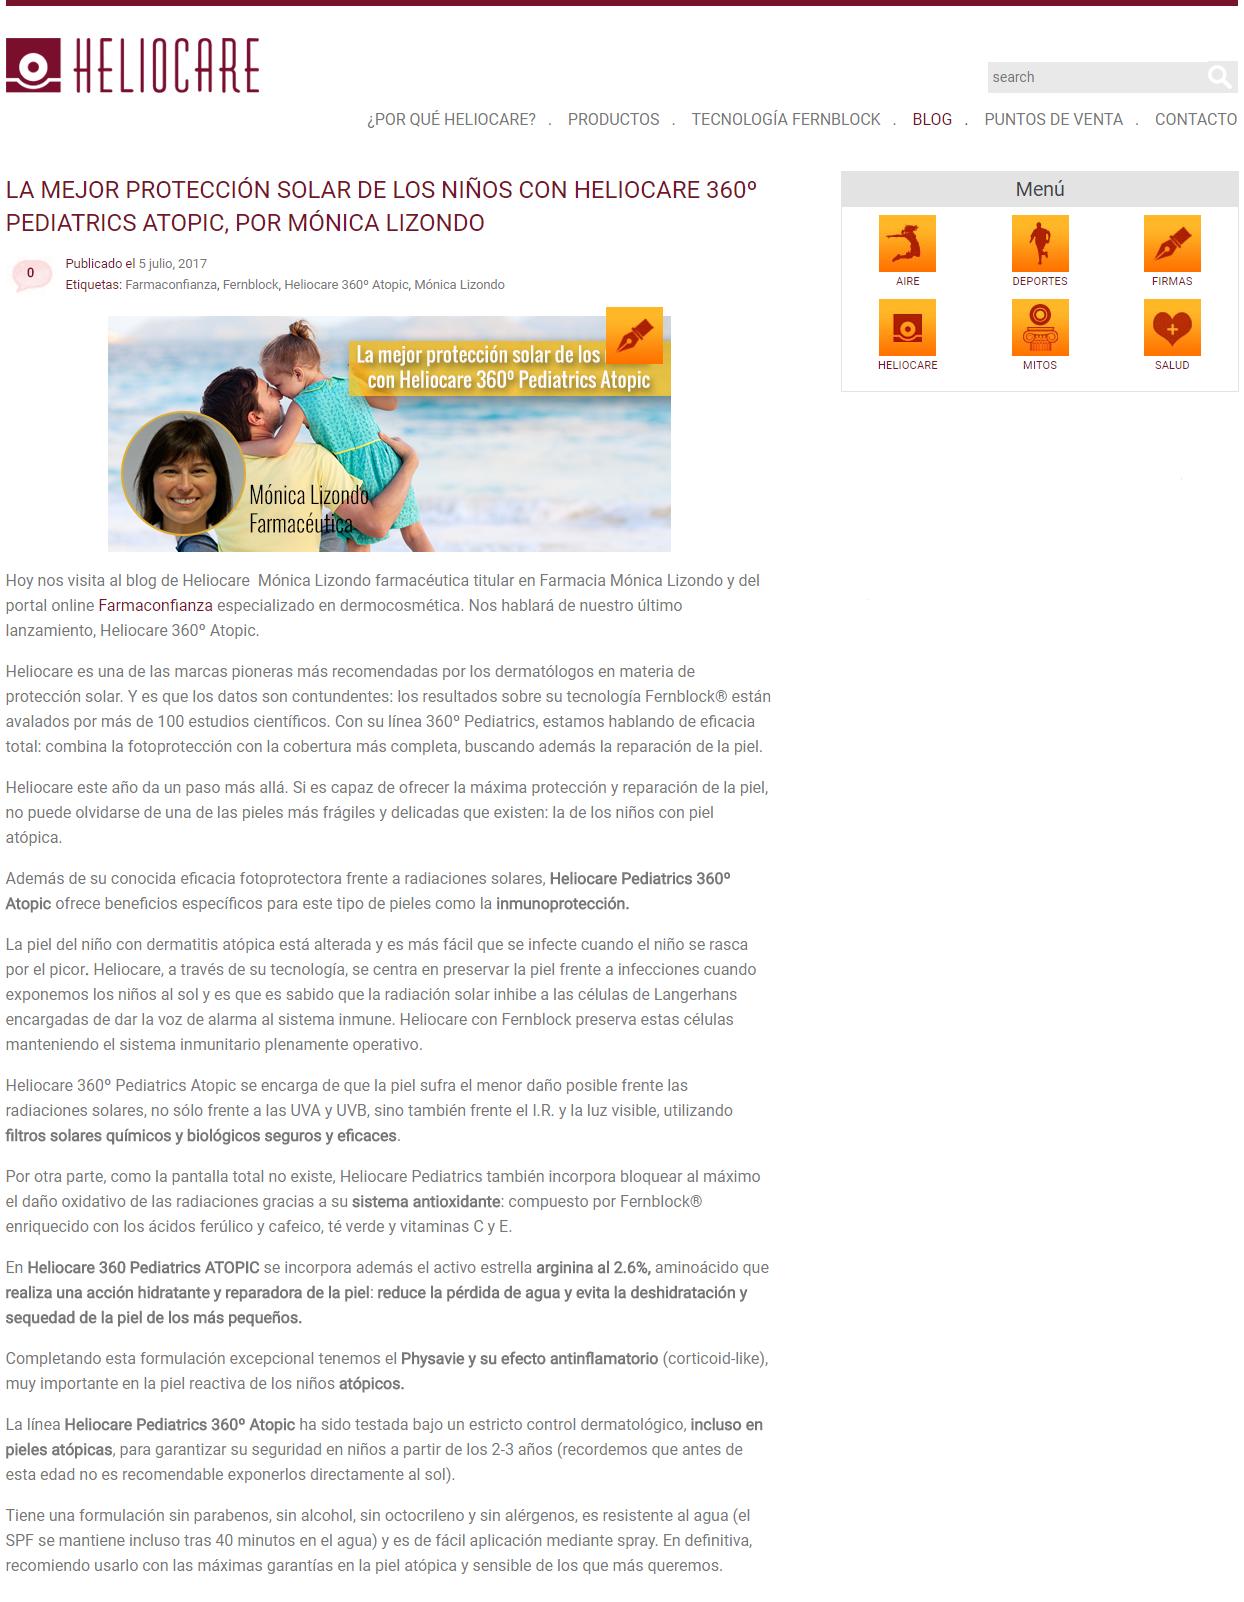 Protege la piel atópica de los niños con Heliocare 360º